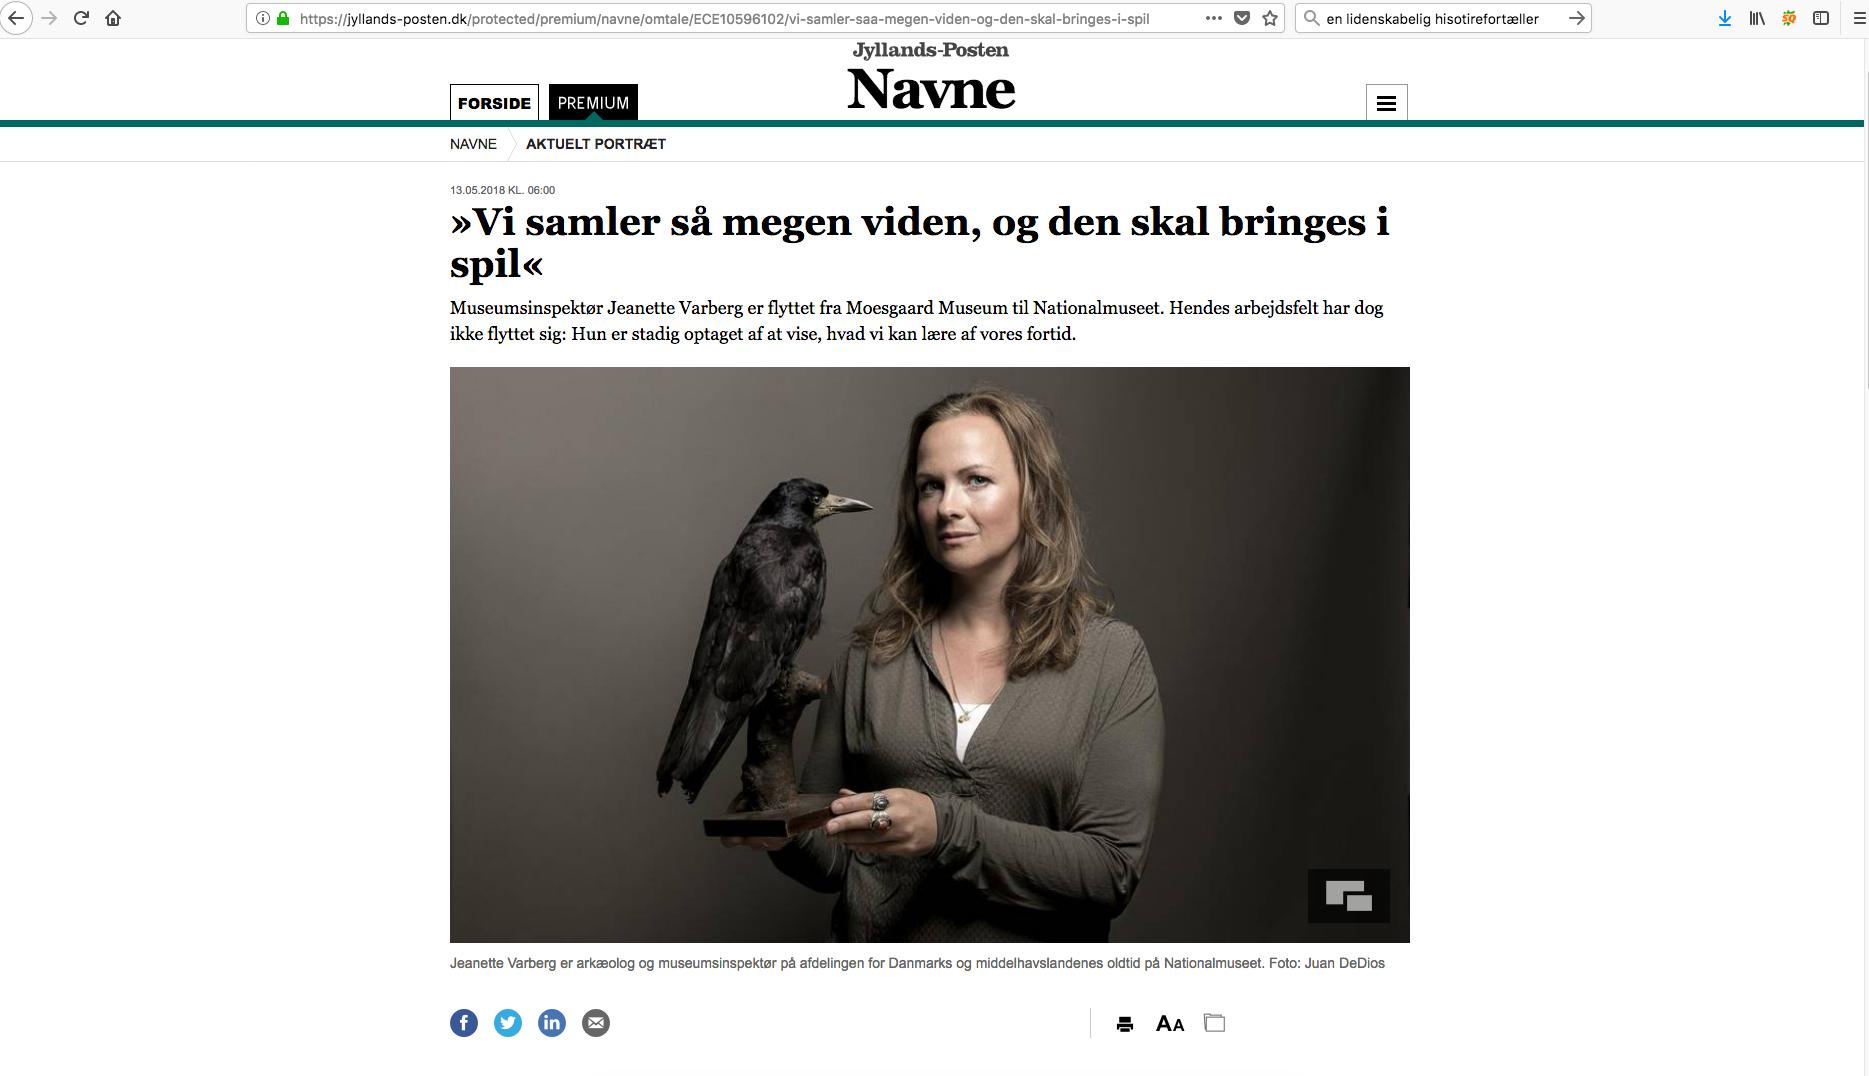 Jyllands-Posten